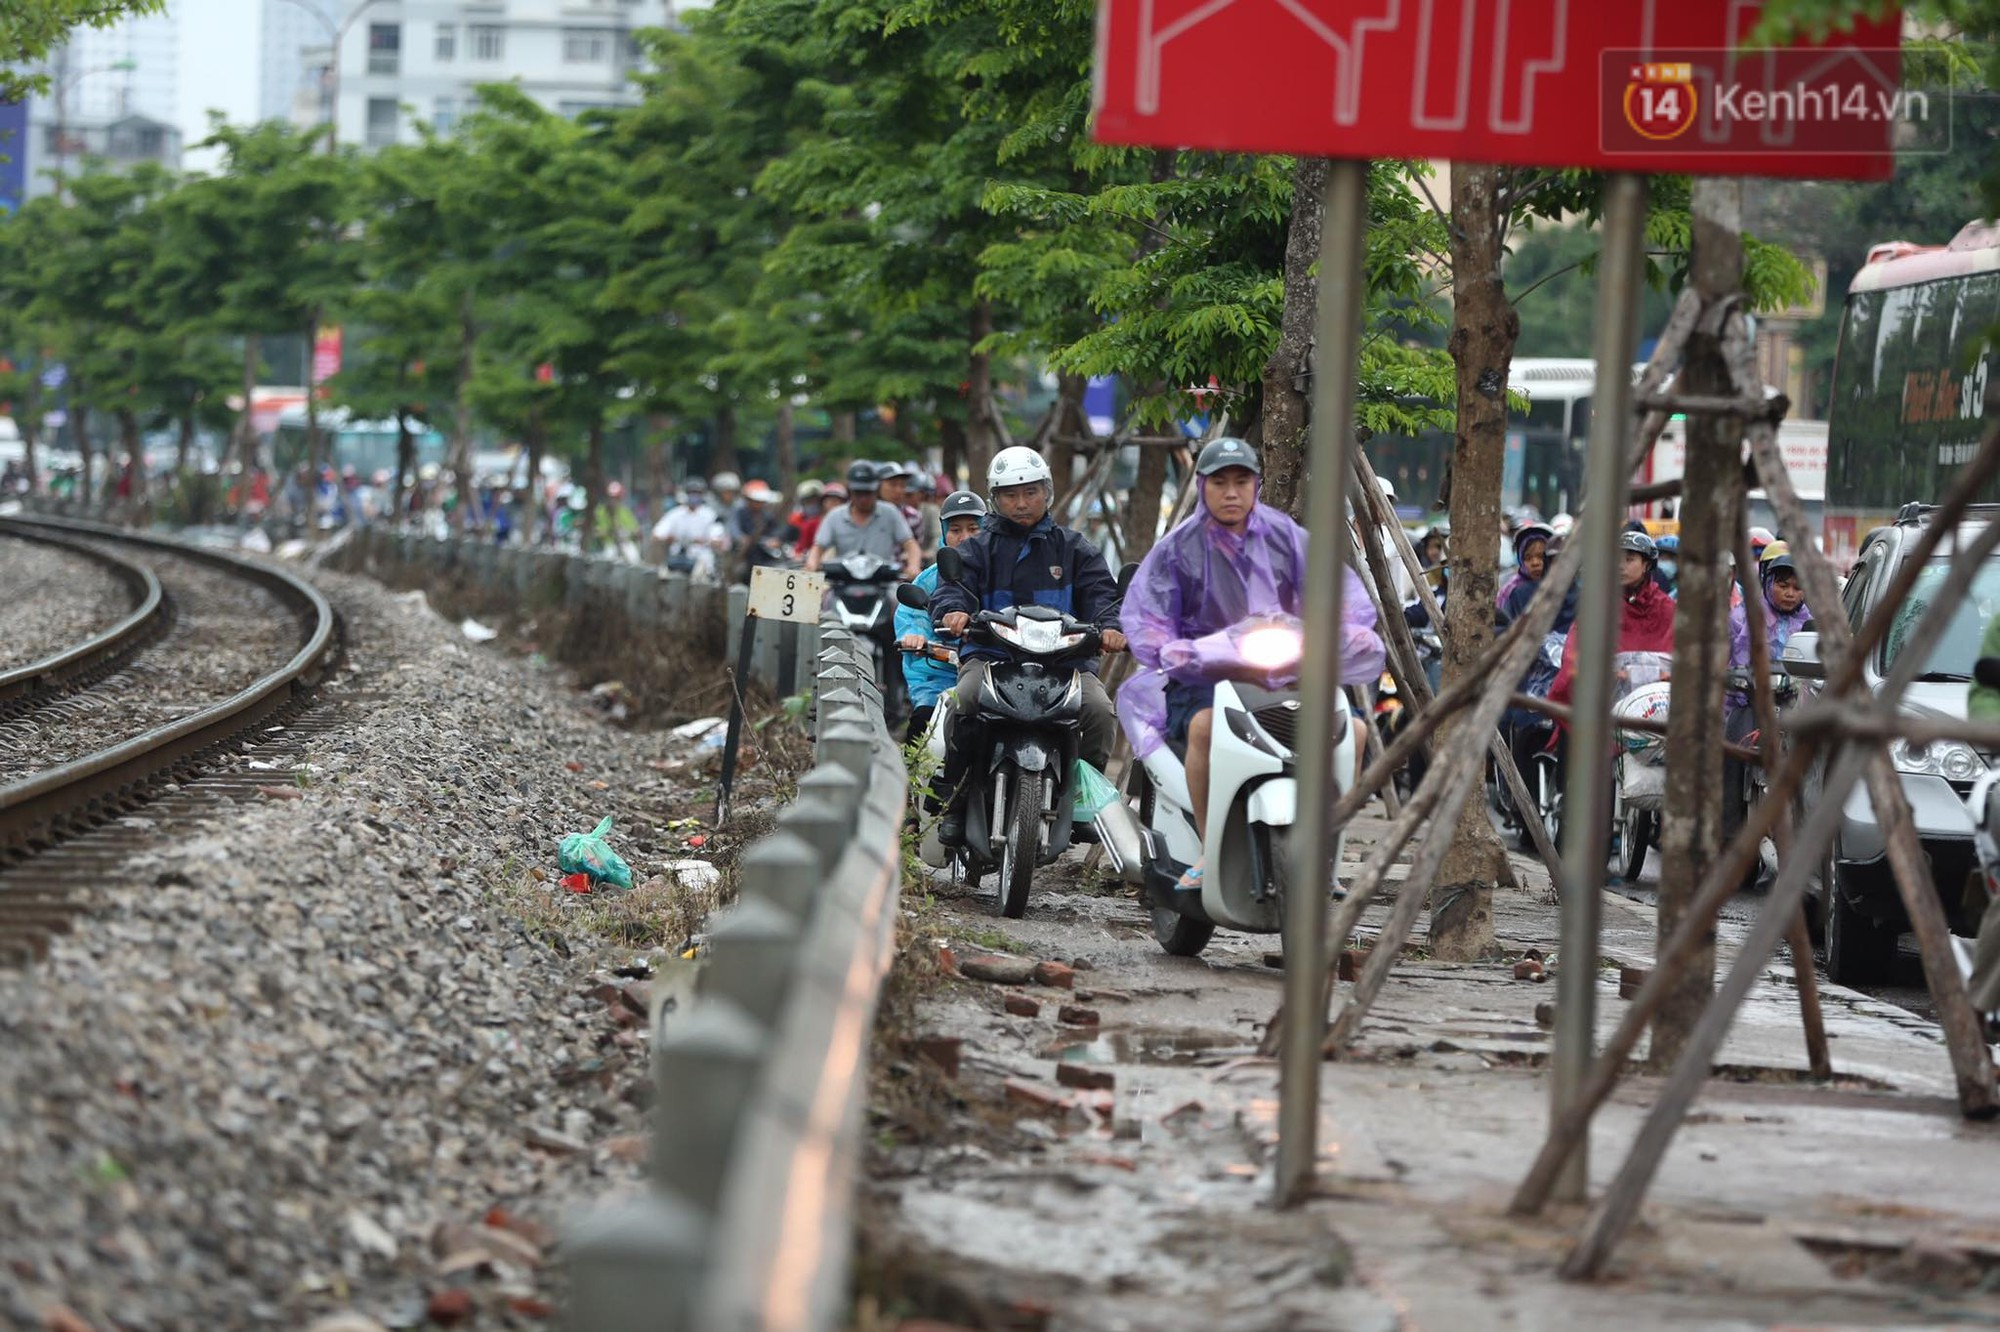 Kết thúc ngày làm việc trước kỳ nghỉ lễ 30/4, hàng nghìn người dân khăn gói về quê khiến nhiều tuyến đường ách tắc 17